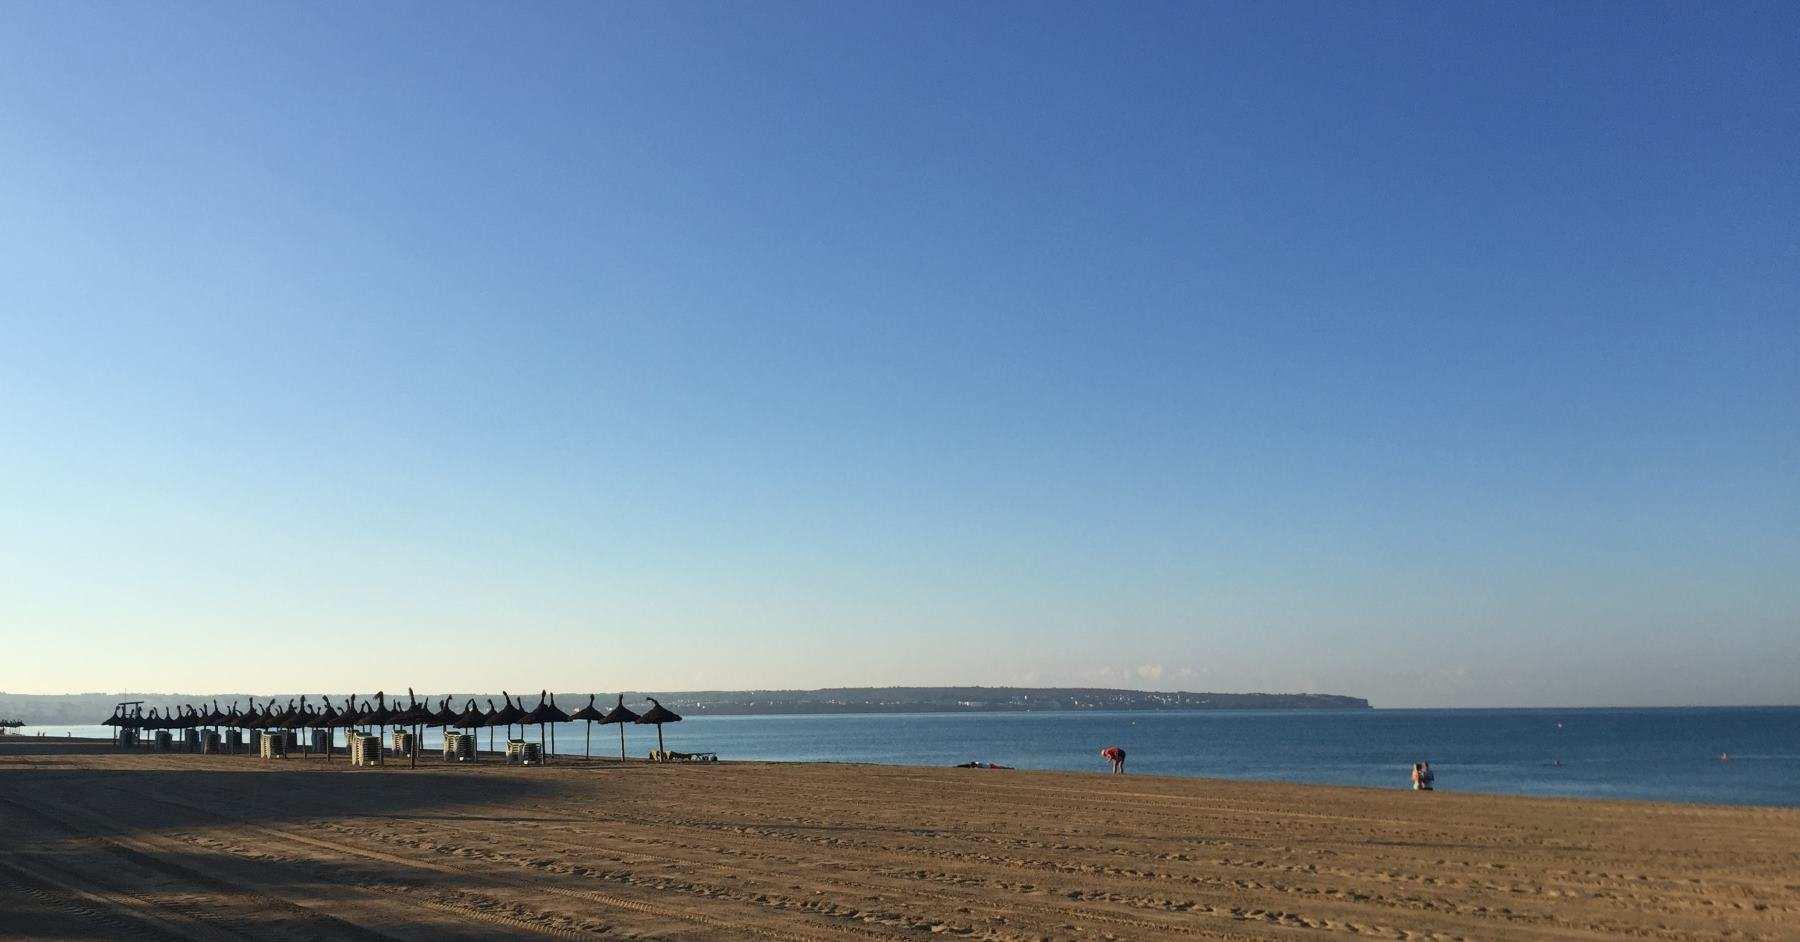 Playa des Palma